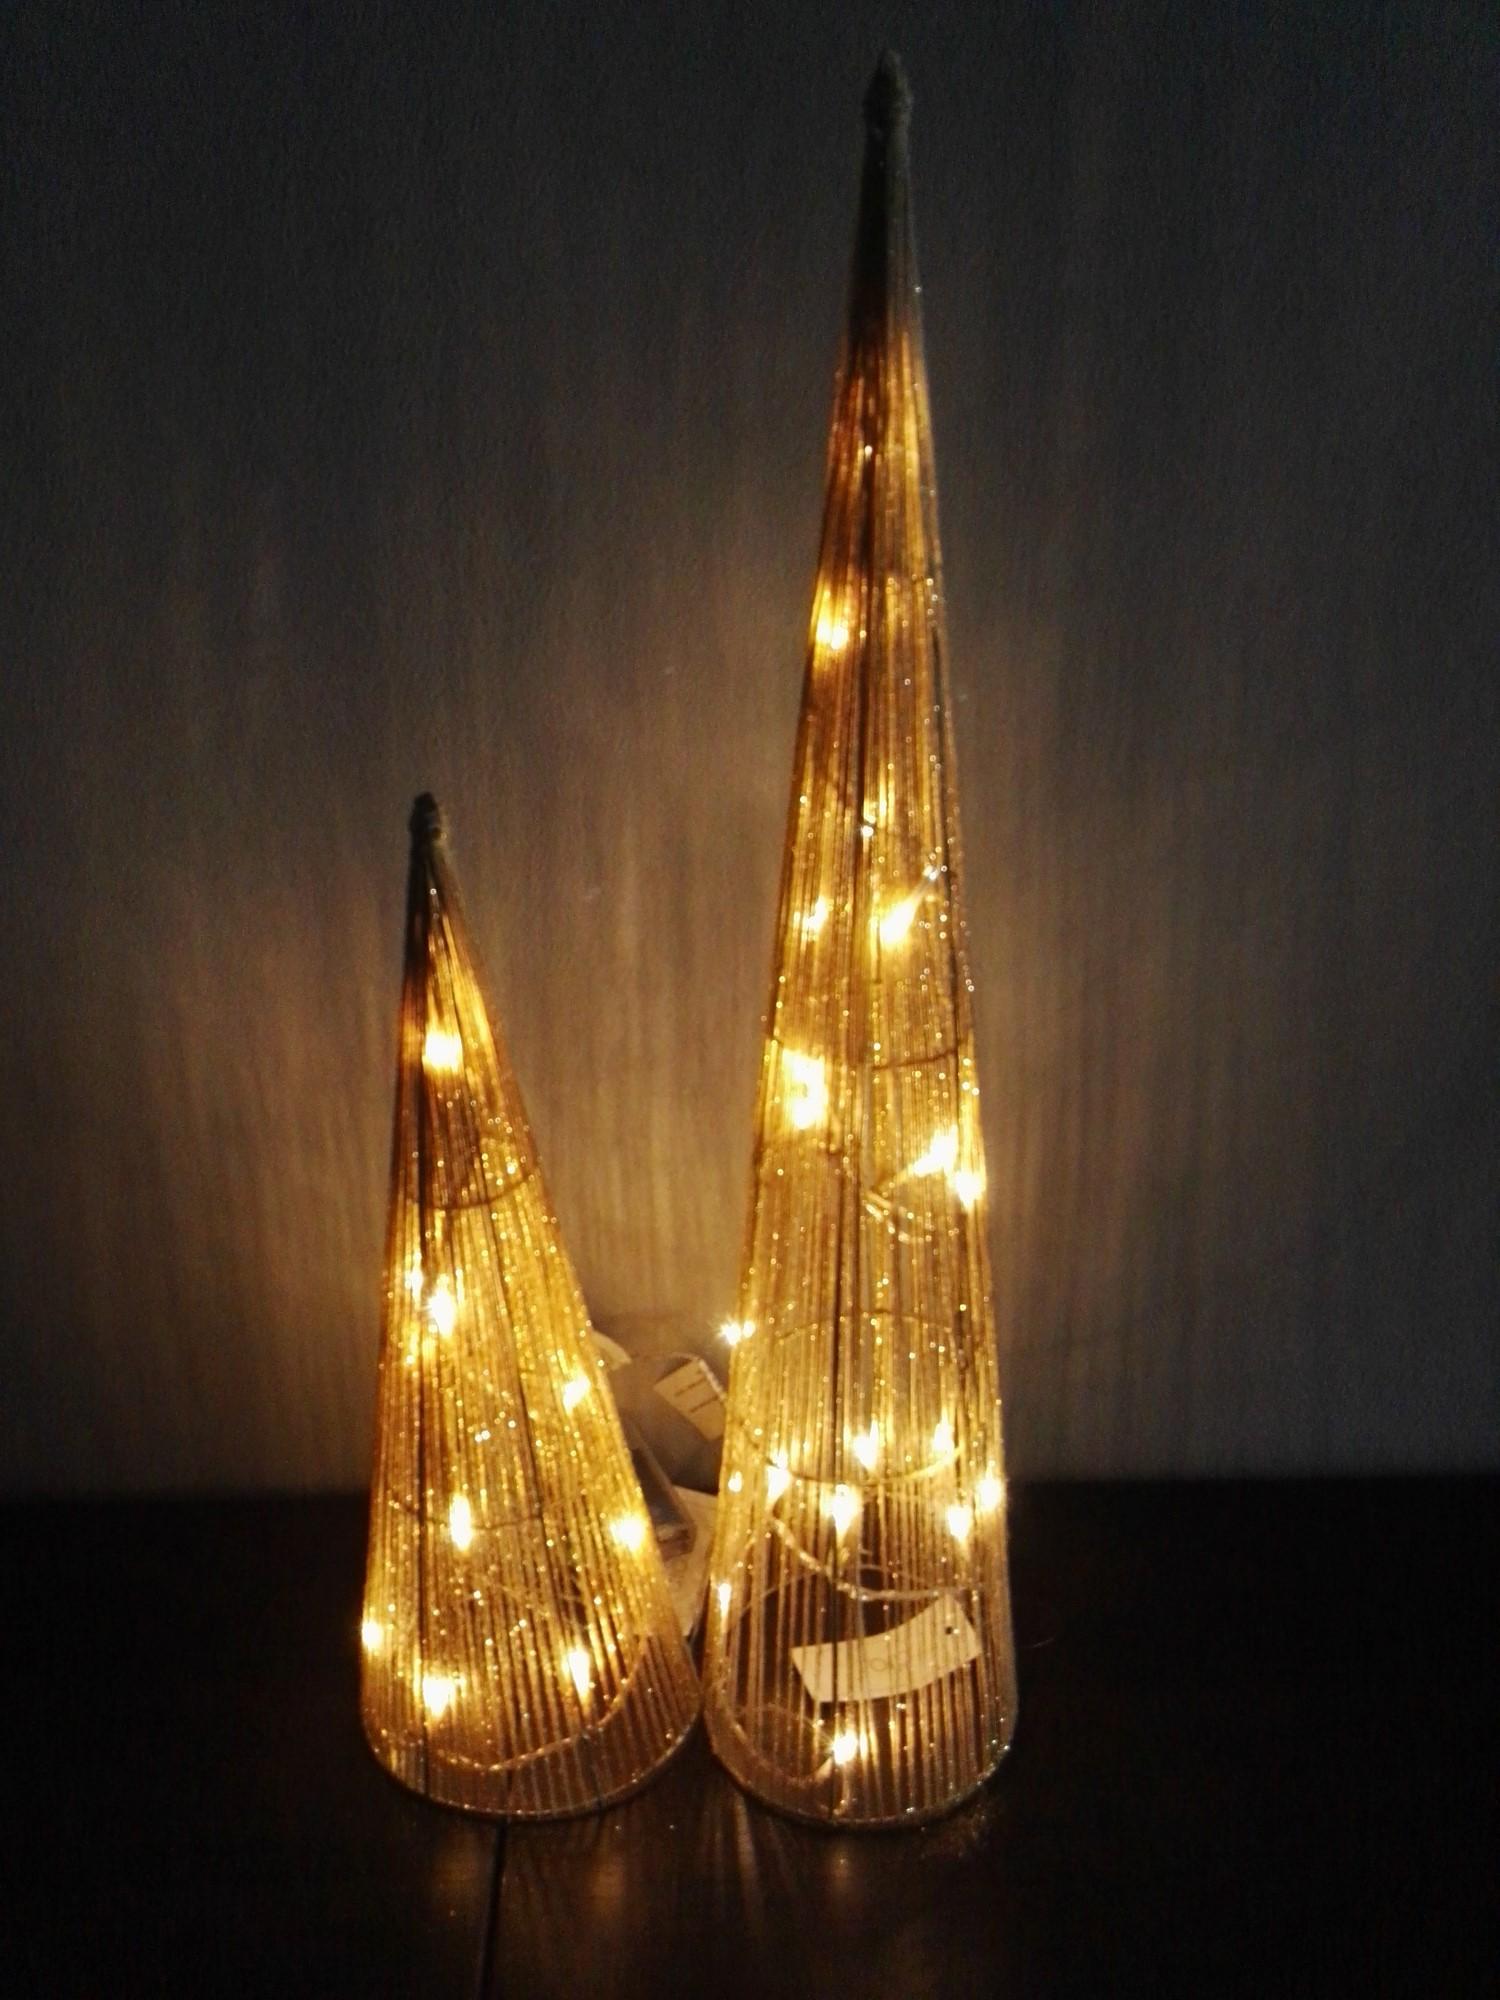 exklusive weihnachtsbeleuchtung kegel l mit 10 led warmwei 40cm deko leuchten weihnachten. Black Bedroom Furniture Sets. Home Design Ideas